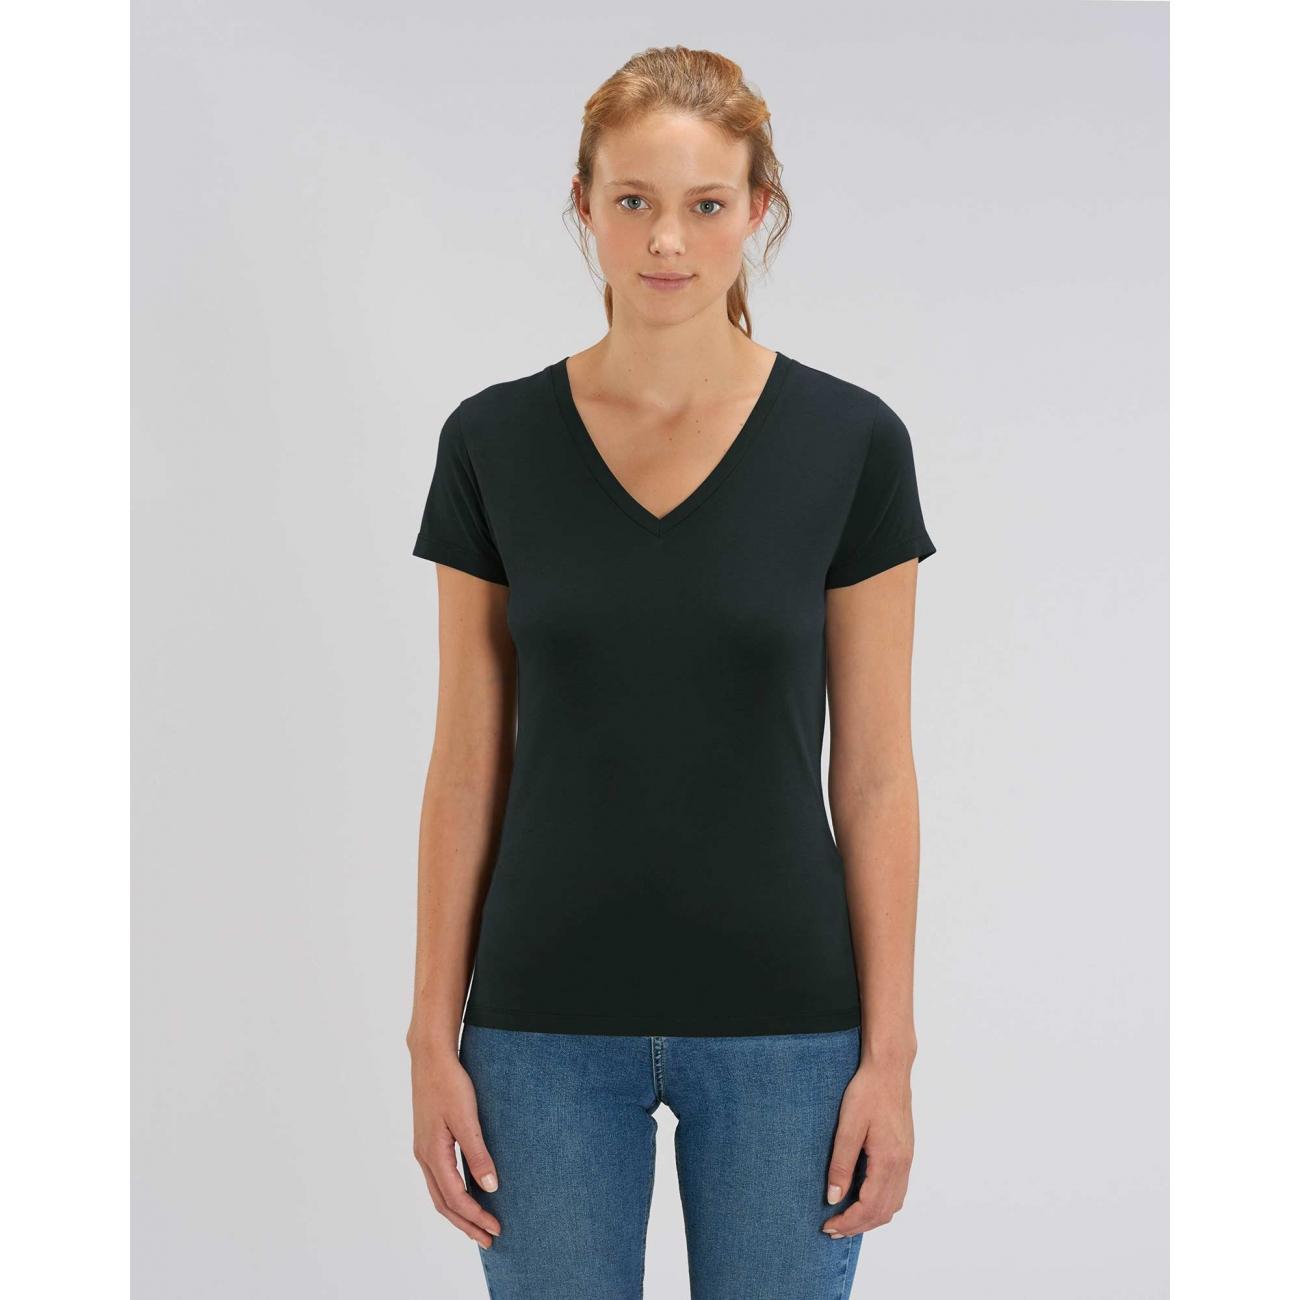 https://tee-shirt-bio.com/9345-thickbox_default/tee-shirt-coton-bio-fwf-col-v-noir.jpg